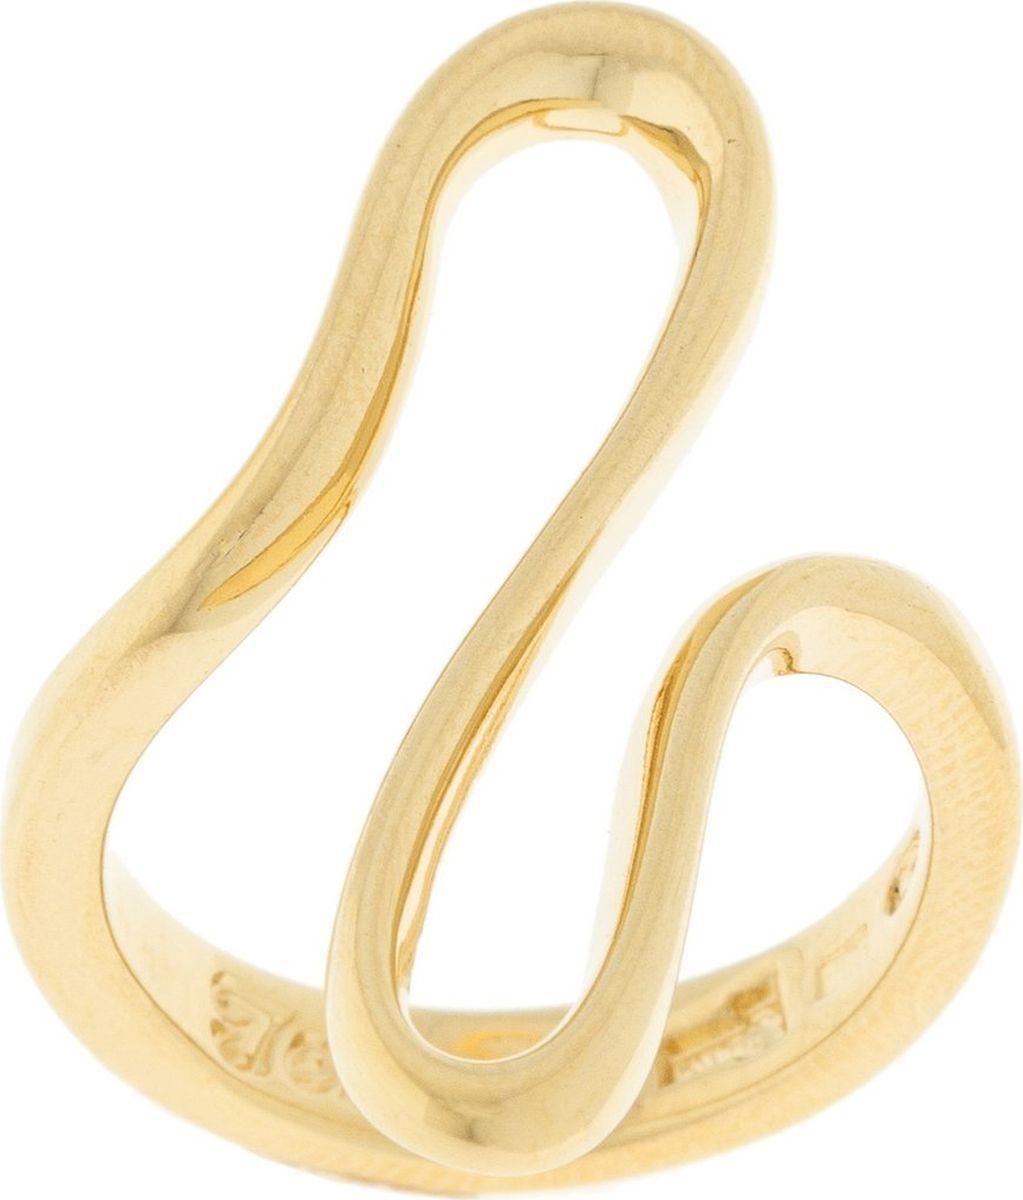 Кольцо Jenavi Этюд. Беюш, цвет: золотой. Размер 19f732p090Коллекция Этюд, Беюш (Кольцо) гипоаллергенный ювелирный сплав,Позолота, вставка без вставок, цвет - золотой, , размер - 19